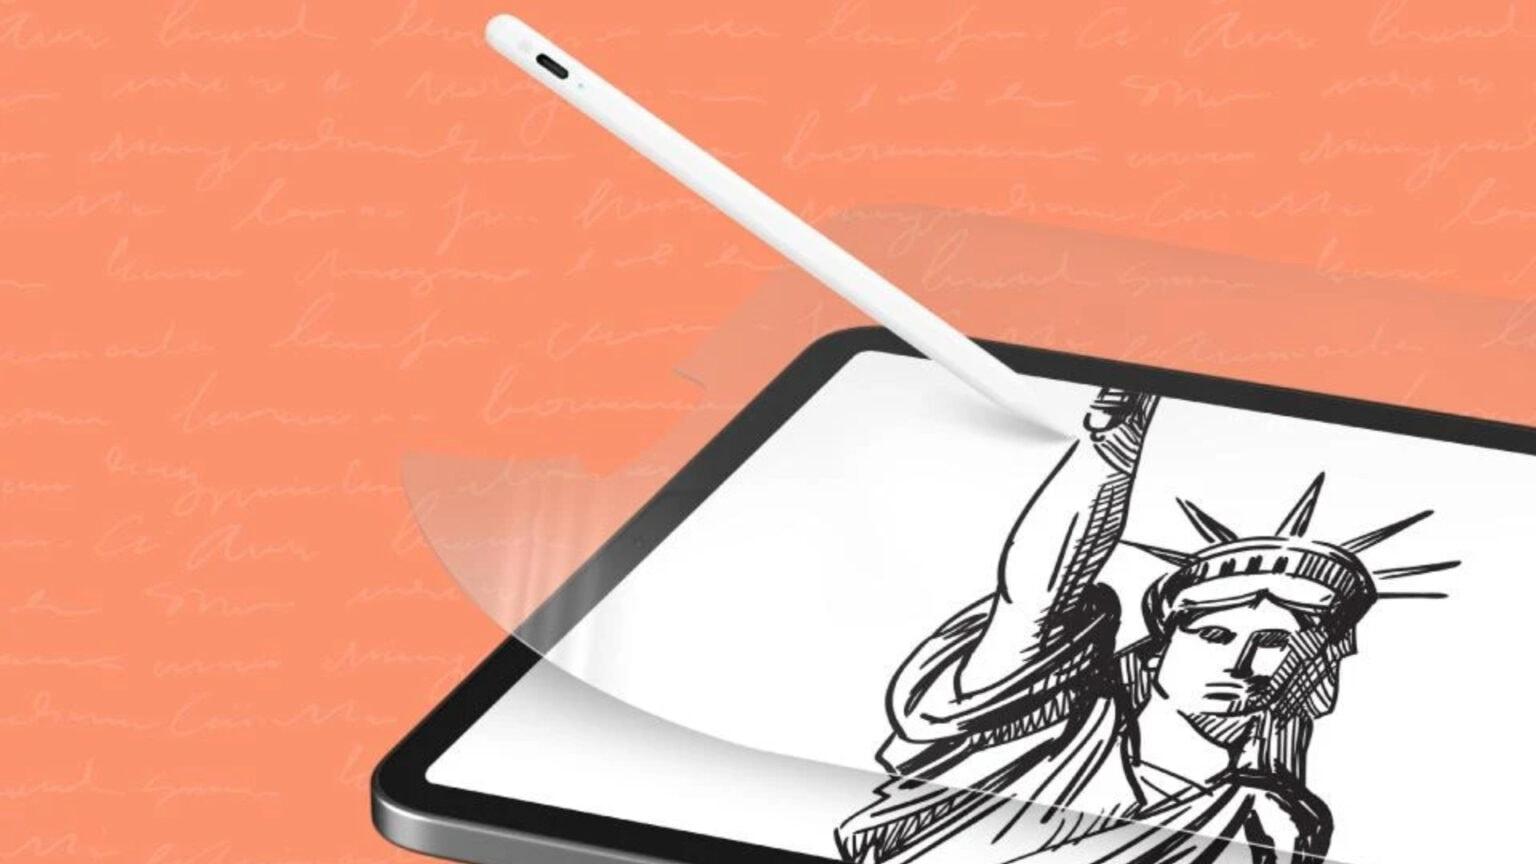 iPad paper screen protector